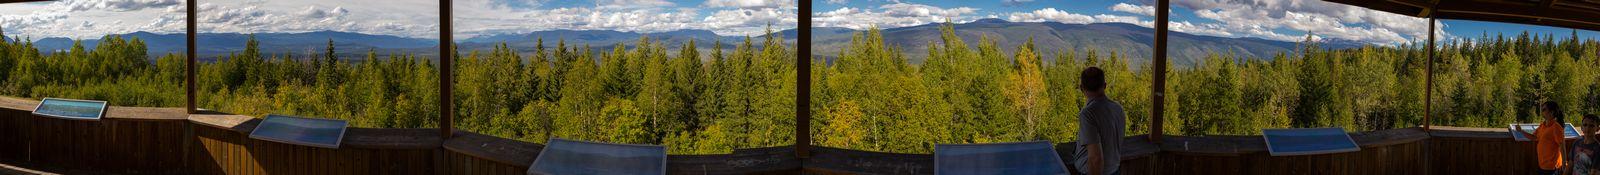 Las amplias vistas de Green Mountain